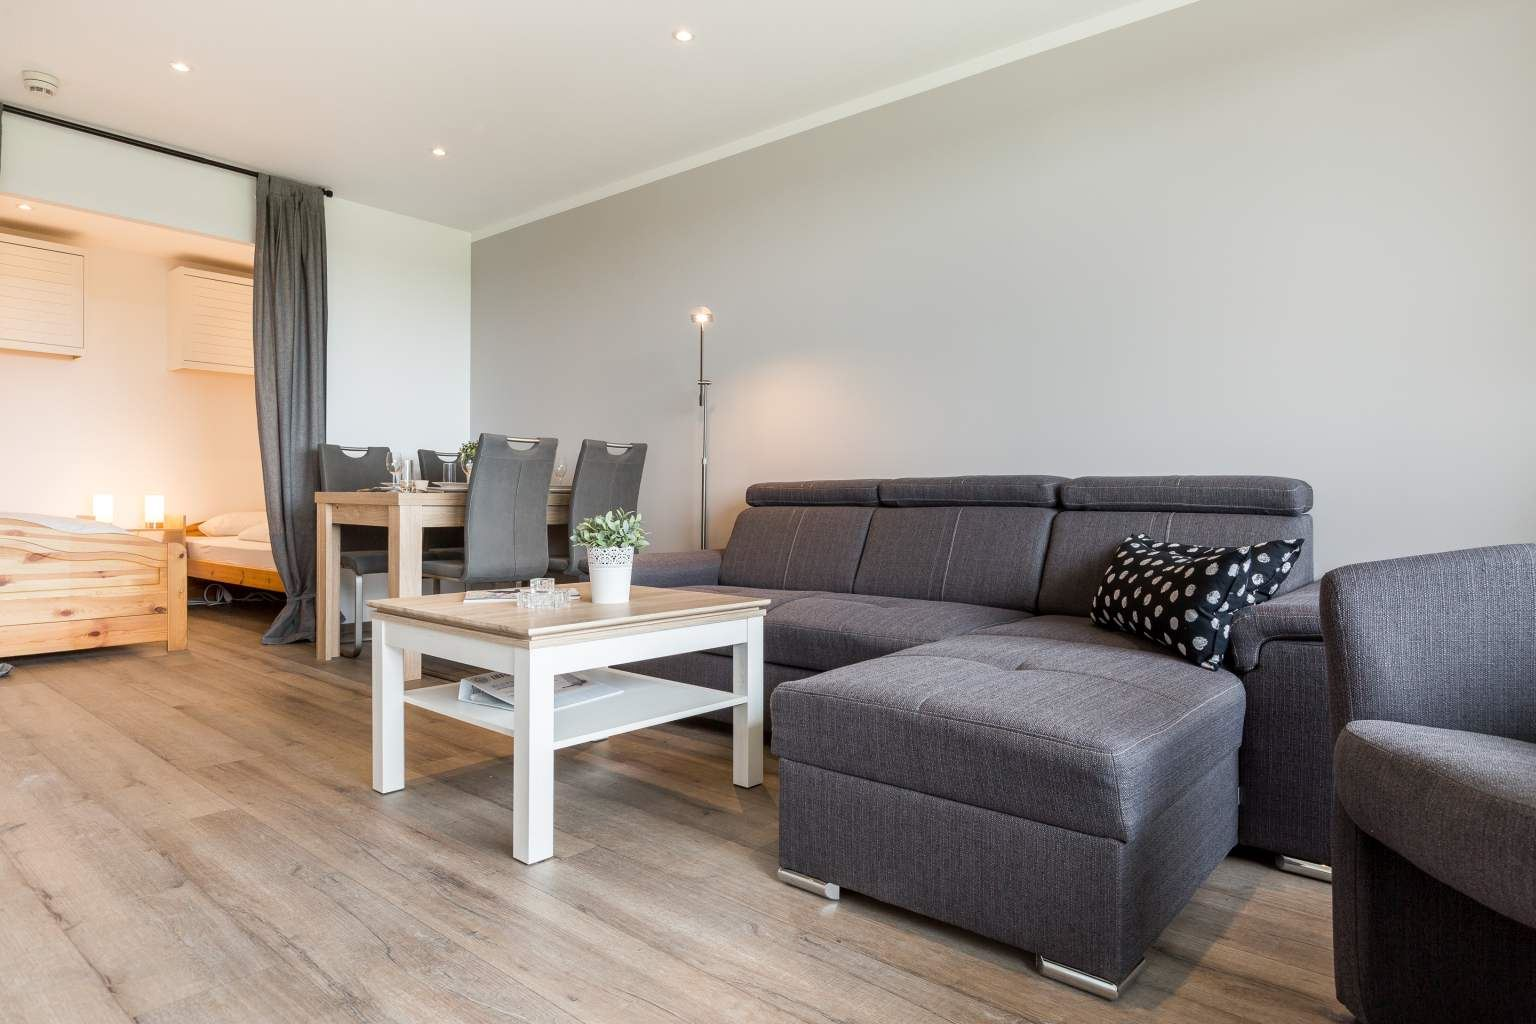 Wohnzimmer - Haus Atlantic, Wohnung 93, 3-Zimmer-Ferienwohnung für bis zu 4 Personen, Alter Badweg 11-15, St. Peter-Bad